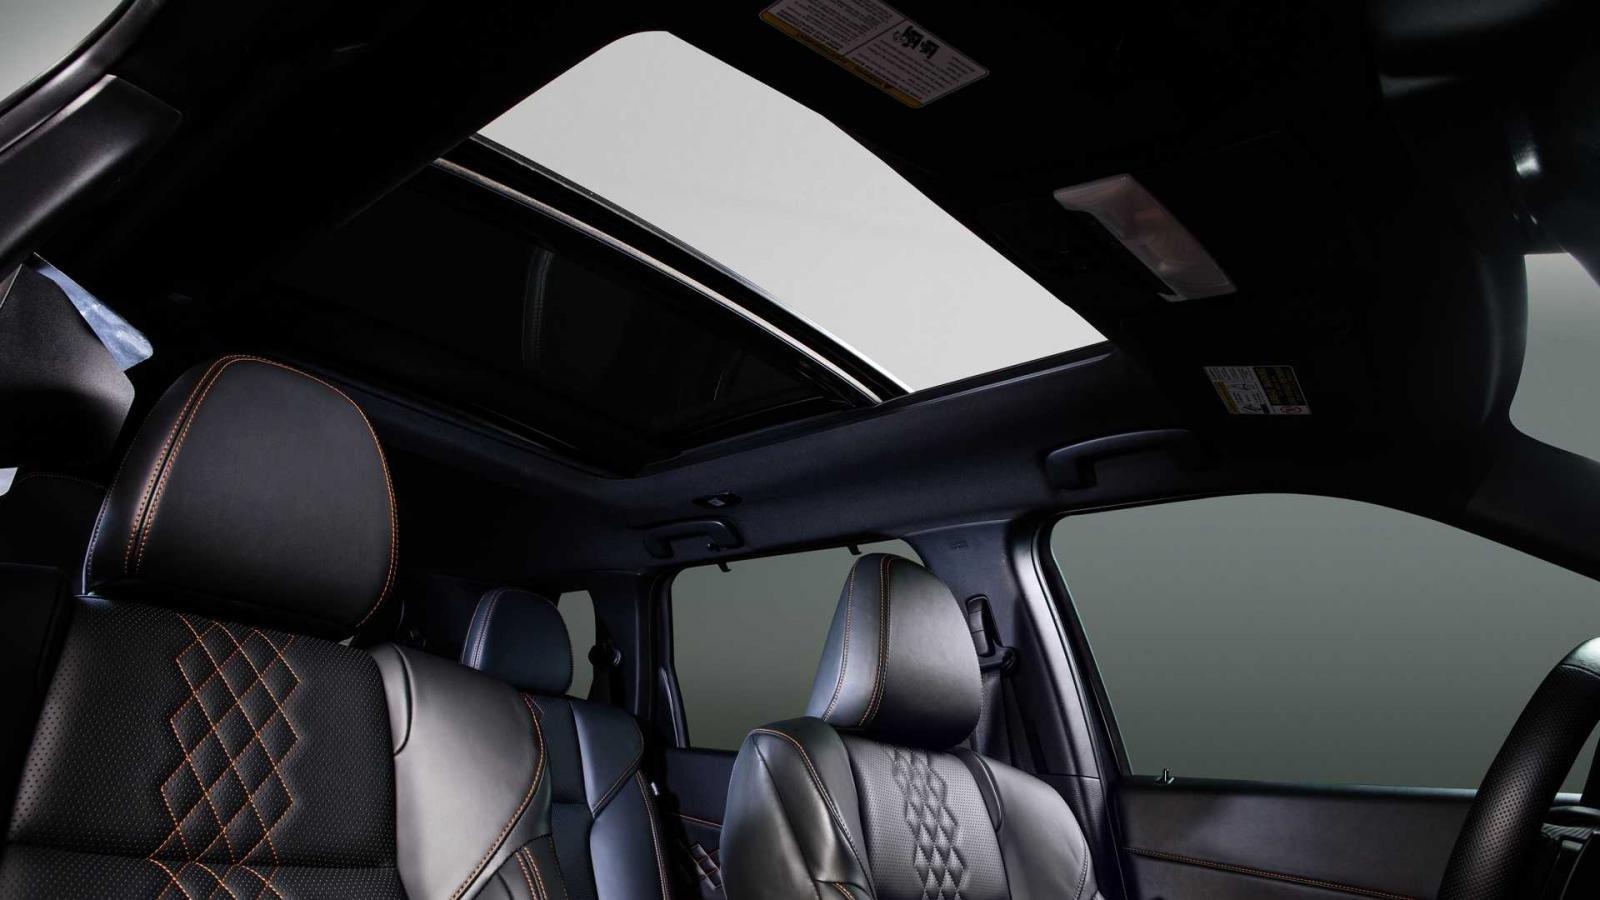 Mitsubishi Outlander 2022 hứa hẹn mang đến 1 trải nghiệm lái tuyệt đỉnh cho người dùng.